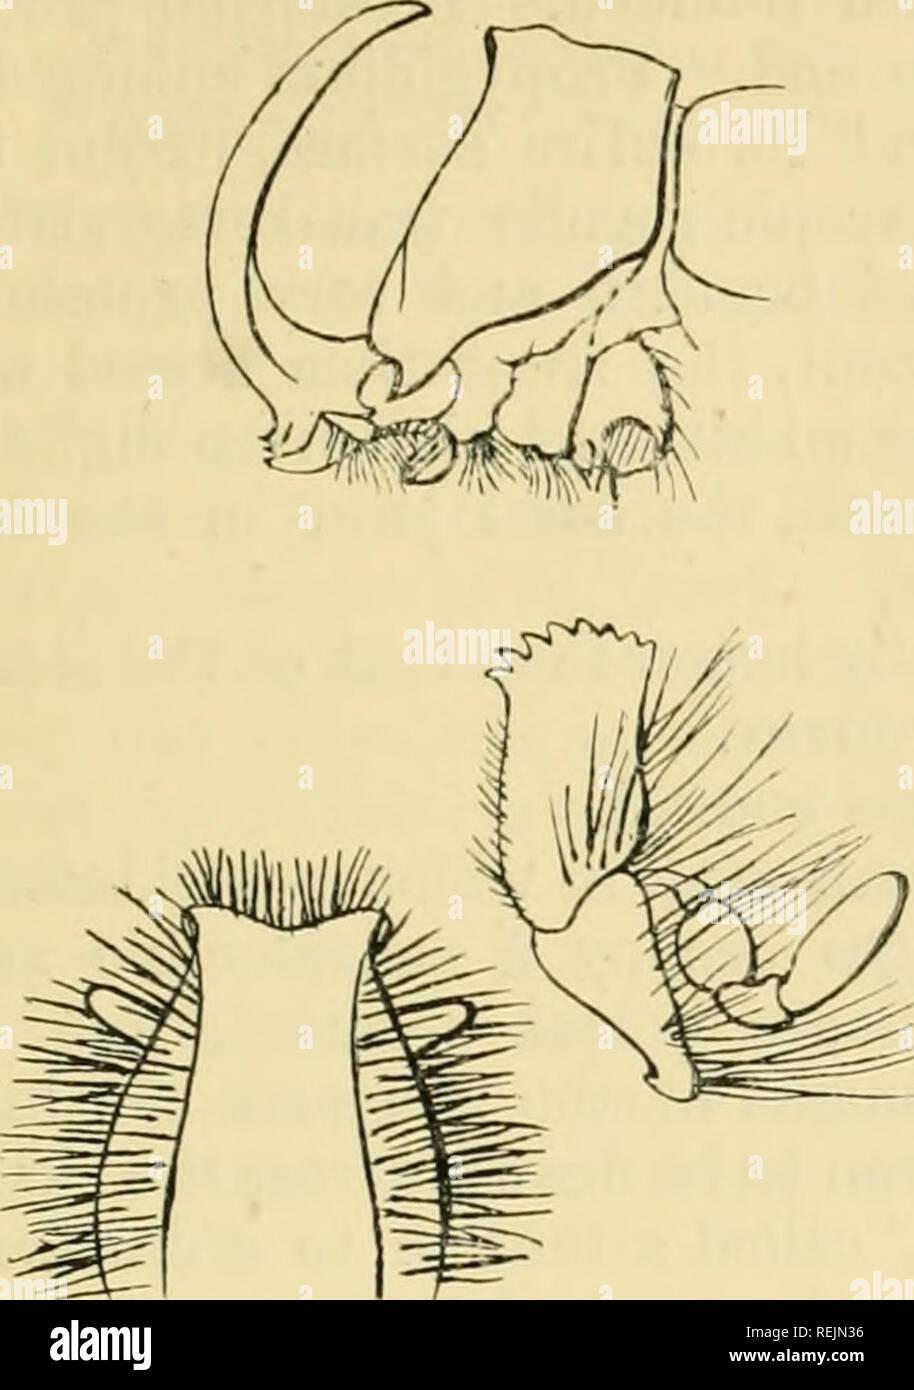 . Coleoptera: Lamellicornia. Scarabaeidae. PACHYOBYCTES.- ORYOIES. 273 prothorax wird grob punktiert, die Einstiche unterscheidbar hinter und Konfluent und rugose in vorne und die Winkel sind weniger. Bitte beachten Sie, dass diese Bilder sind von der gescannten Seite Bilder, die digital für die Lesbarkeit verbessert haben mögen - Färbung und Aussehen dieser Abbildungen können nicht perfekt dem Original ähneln. extrahiert. Pfeil, G. J. (Gilbert John), 1873-1948. London, Taylor & Francis Stockbild